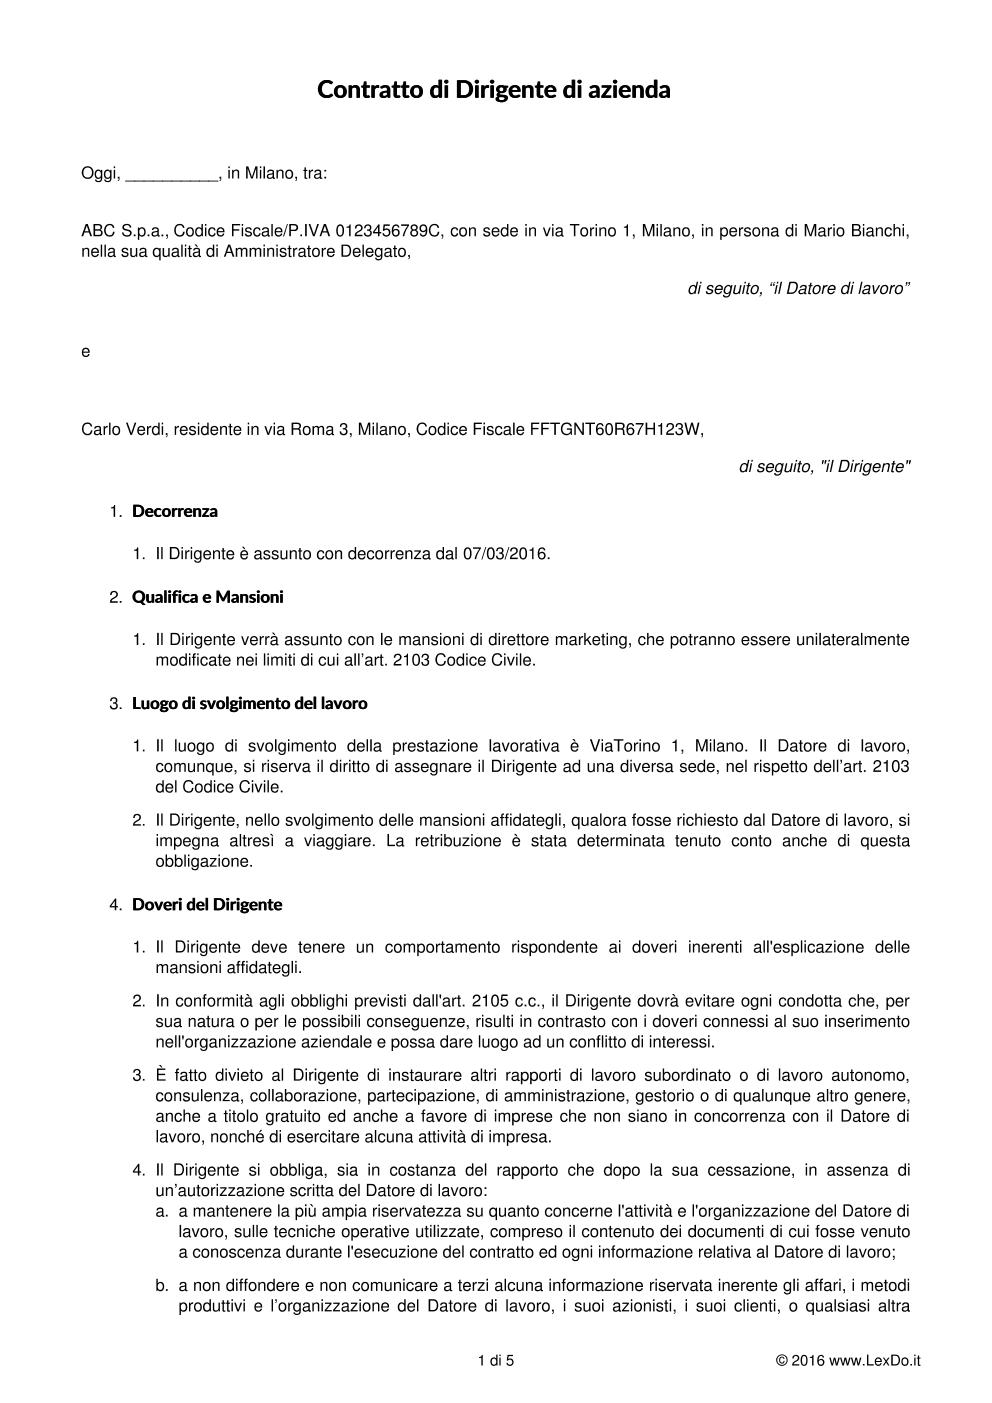 Contratto di lavoro per dirigenti - Contratto locazione uso foresteria fac simile ...